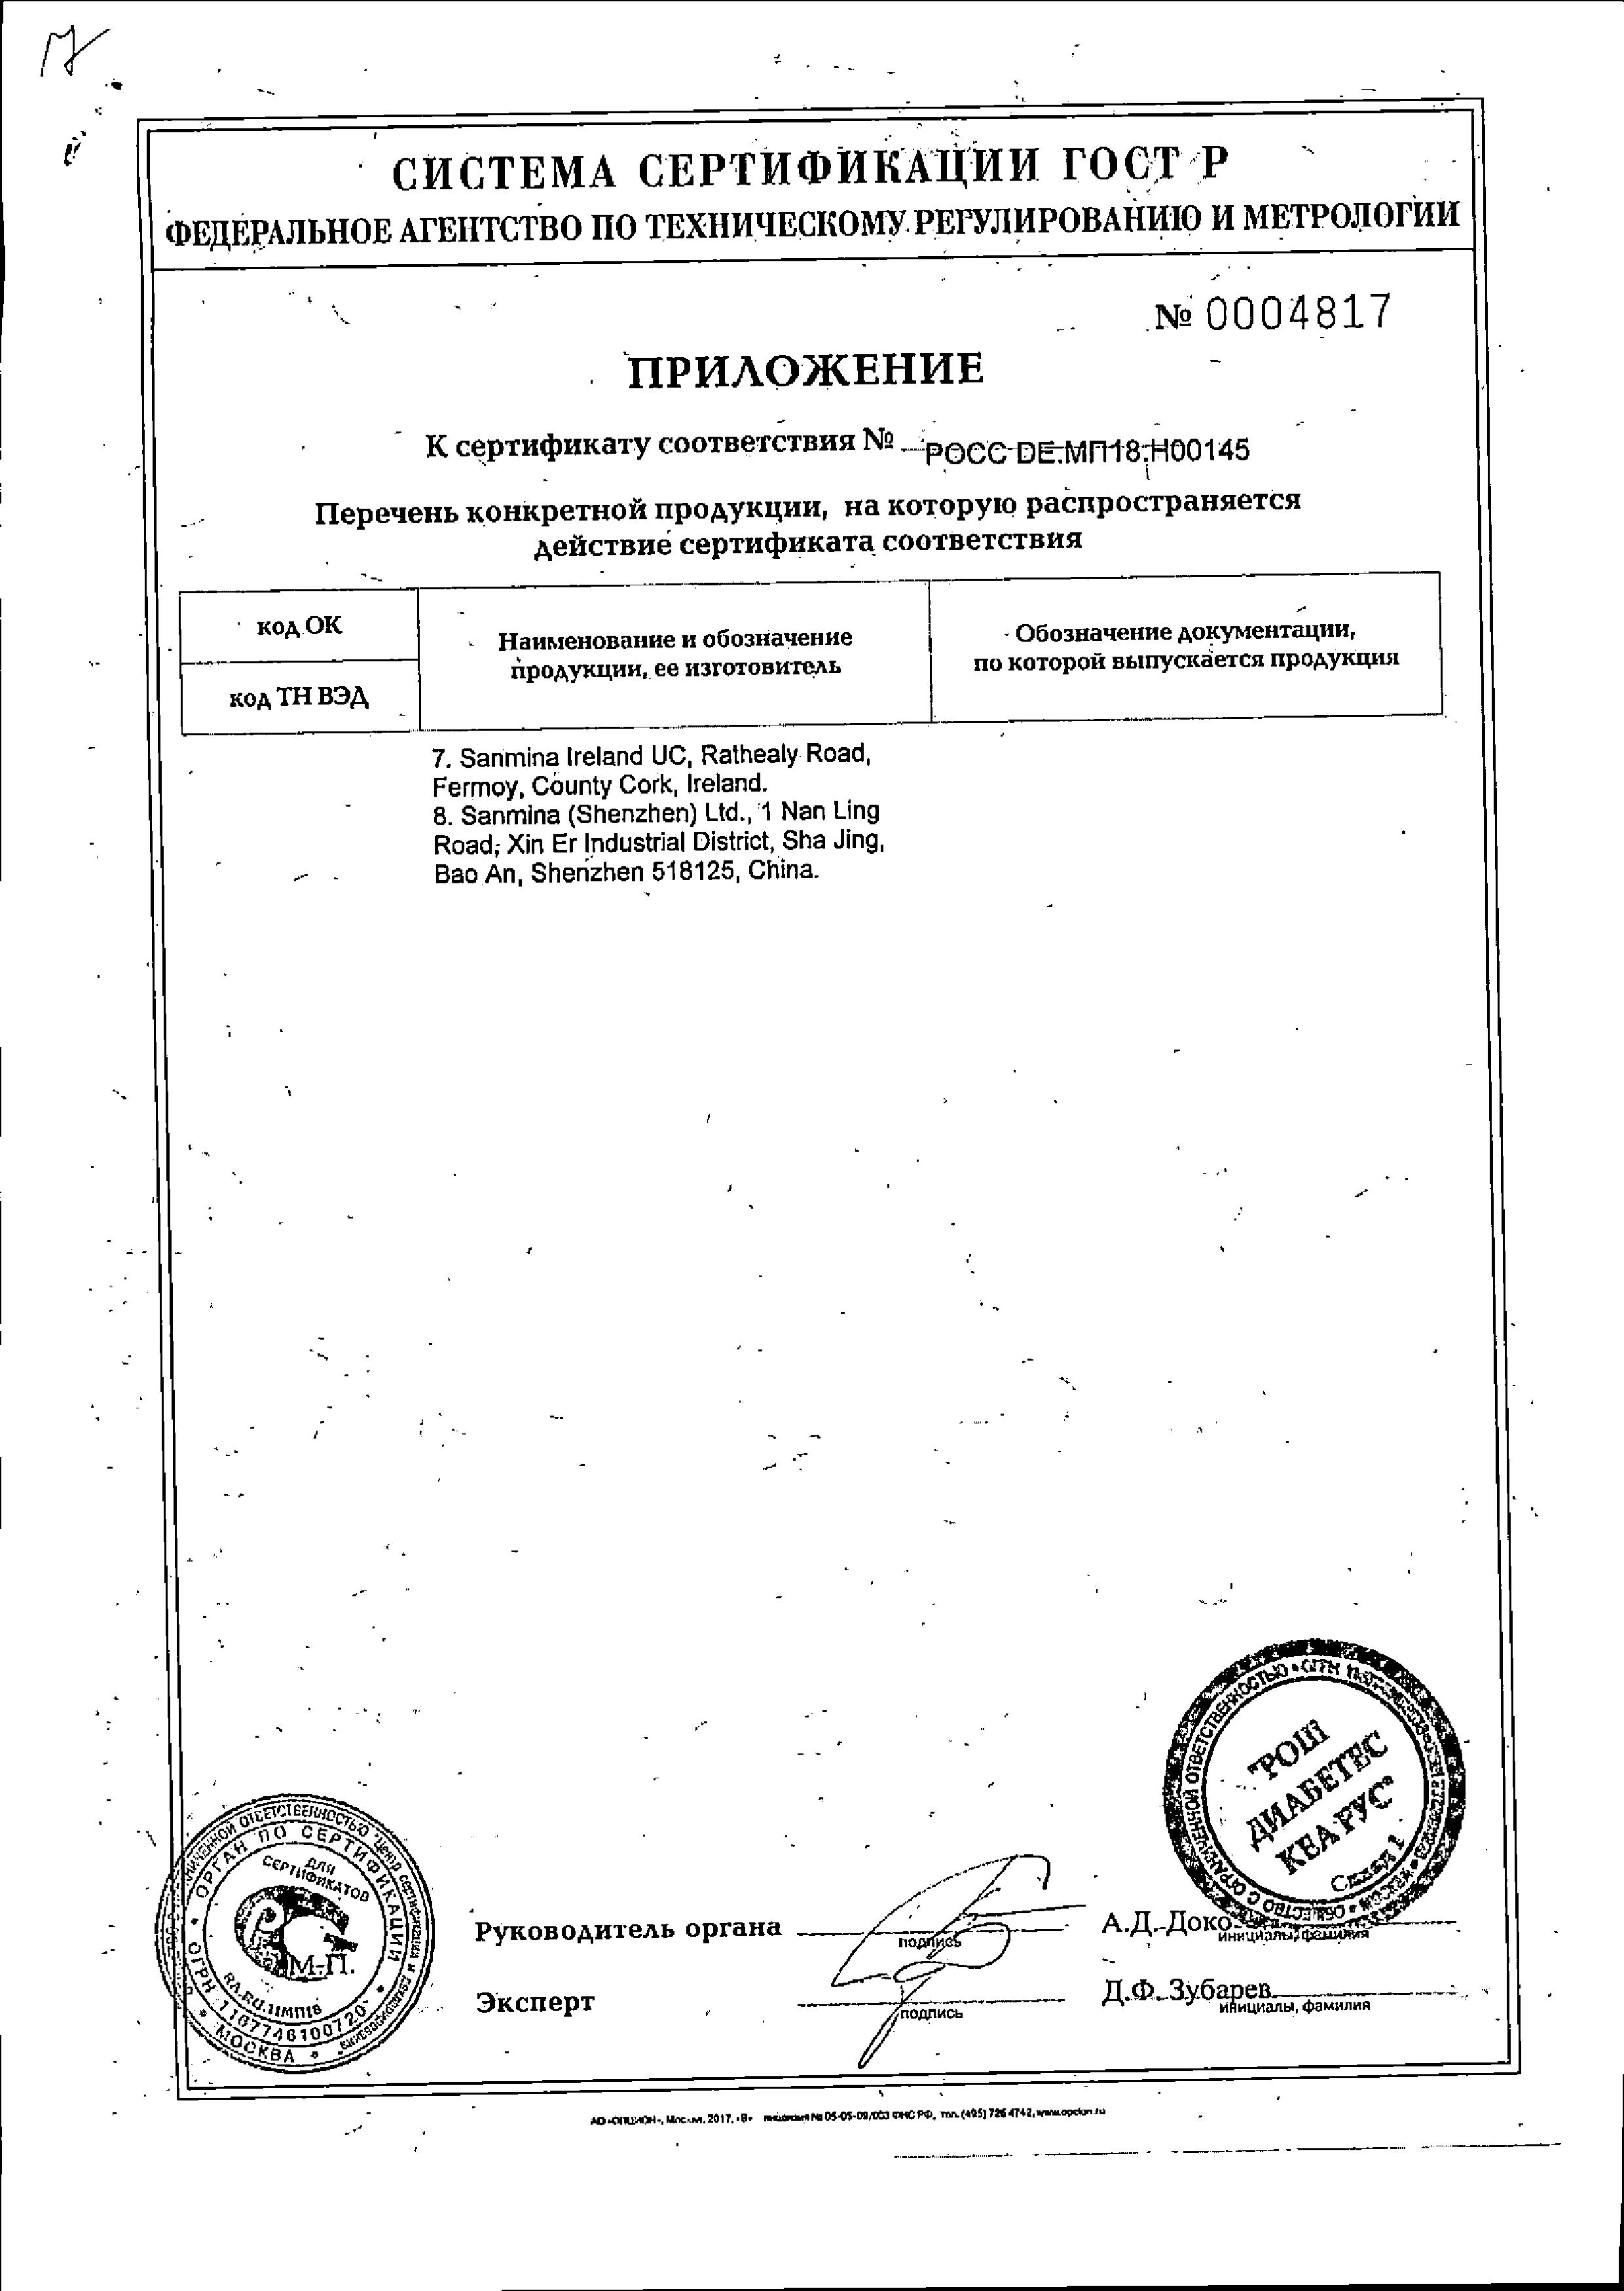 Глюкометр Accu-Chek Active сертификат